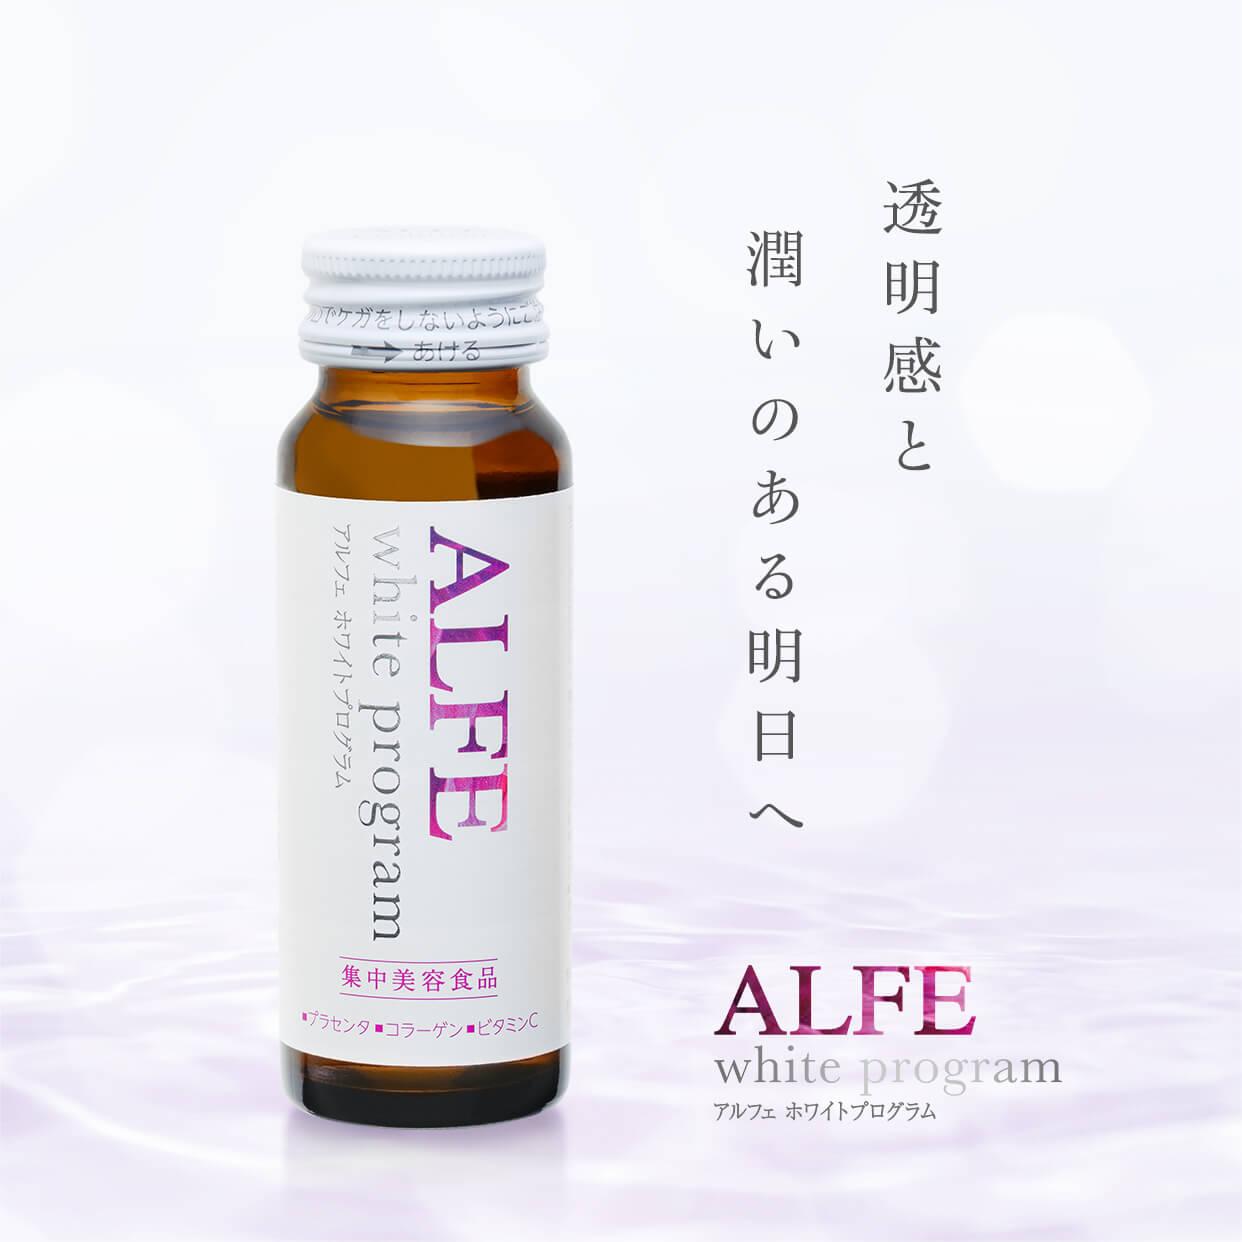 透明感と潤いのある明日へ ALFE white program